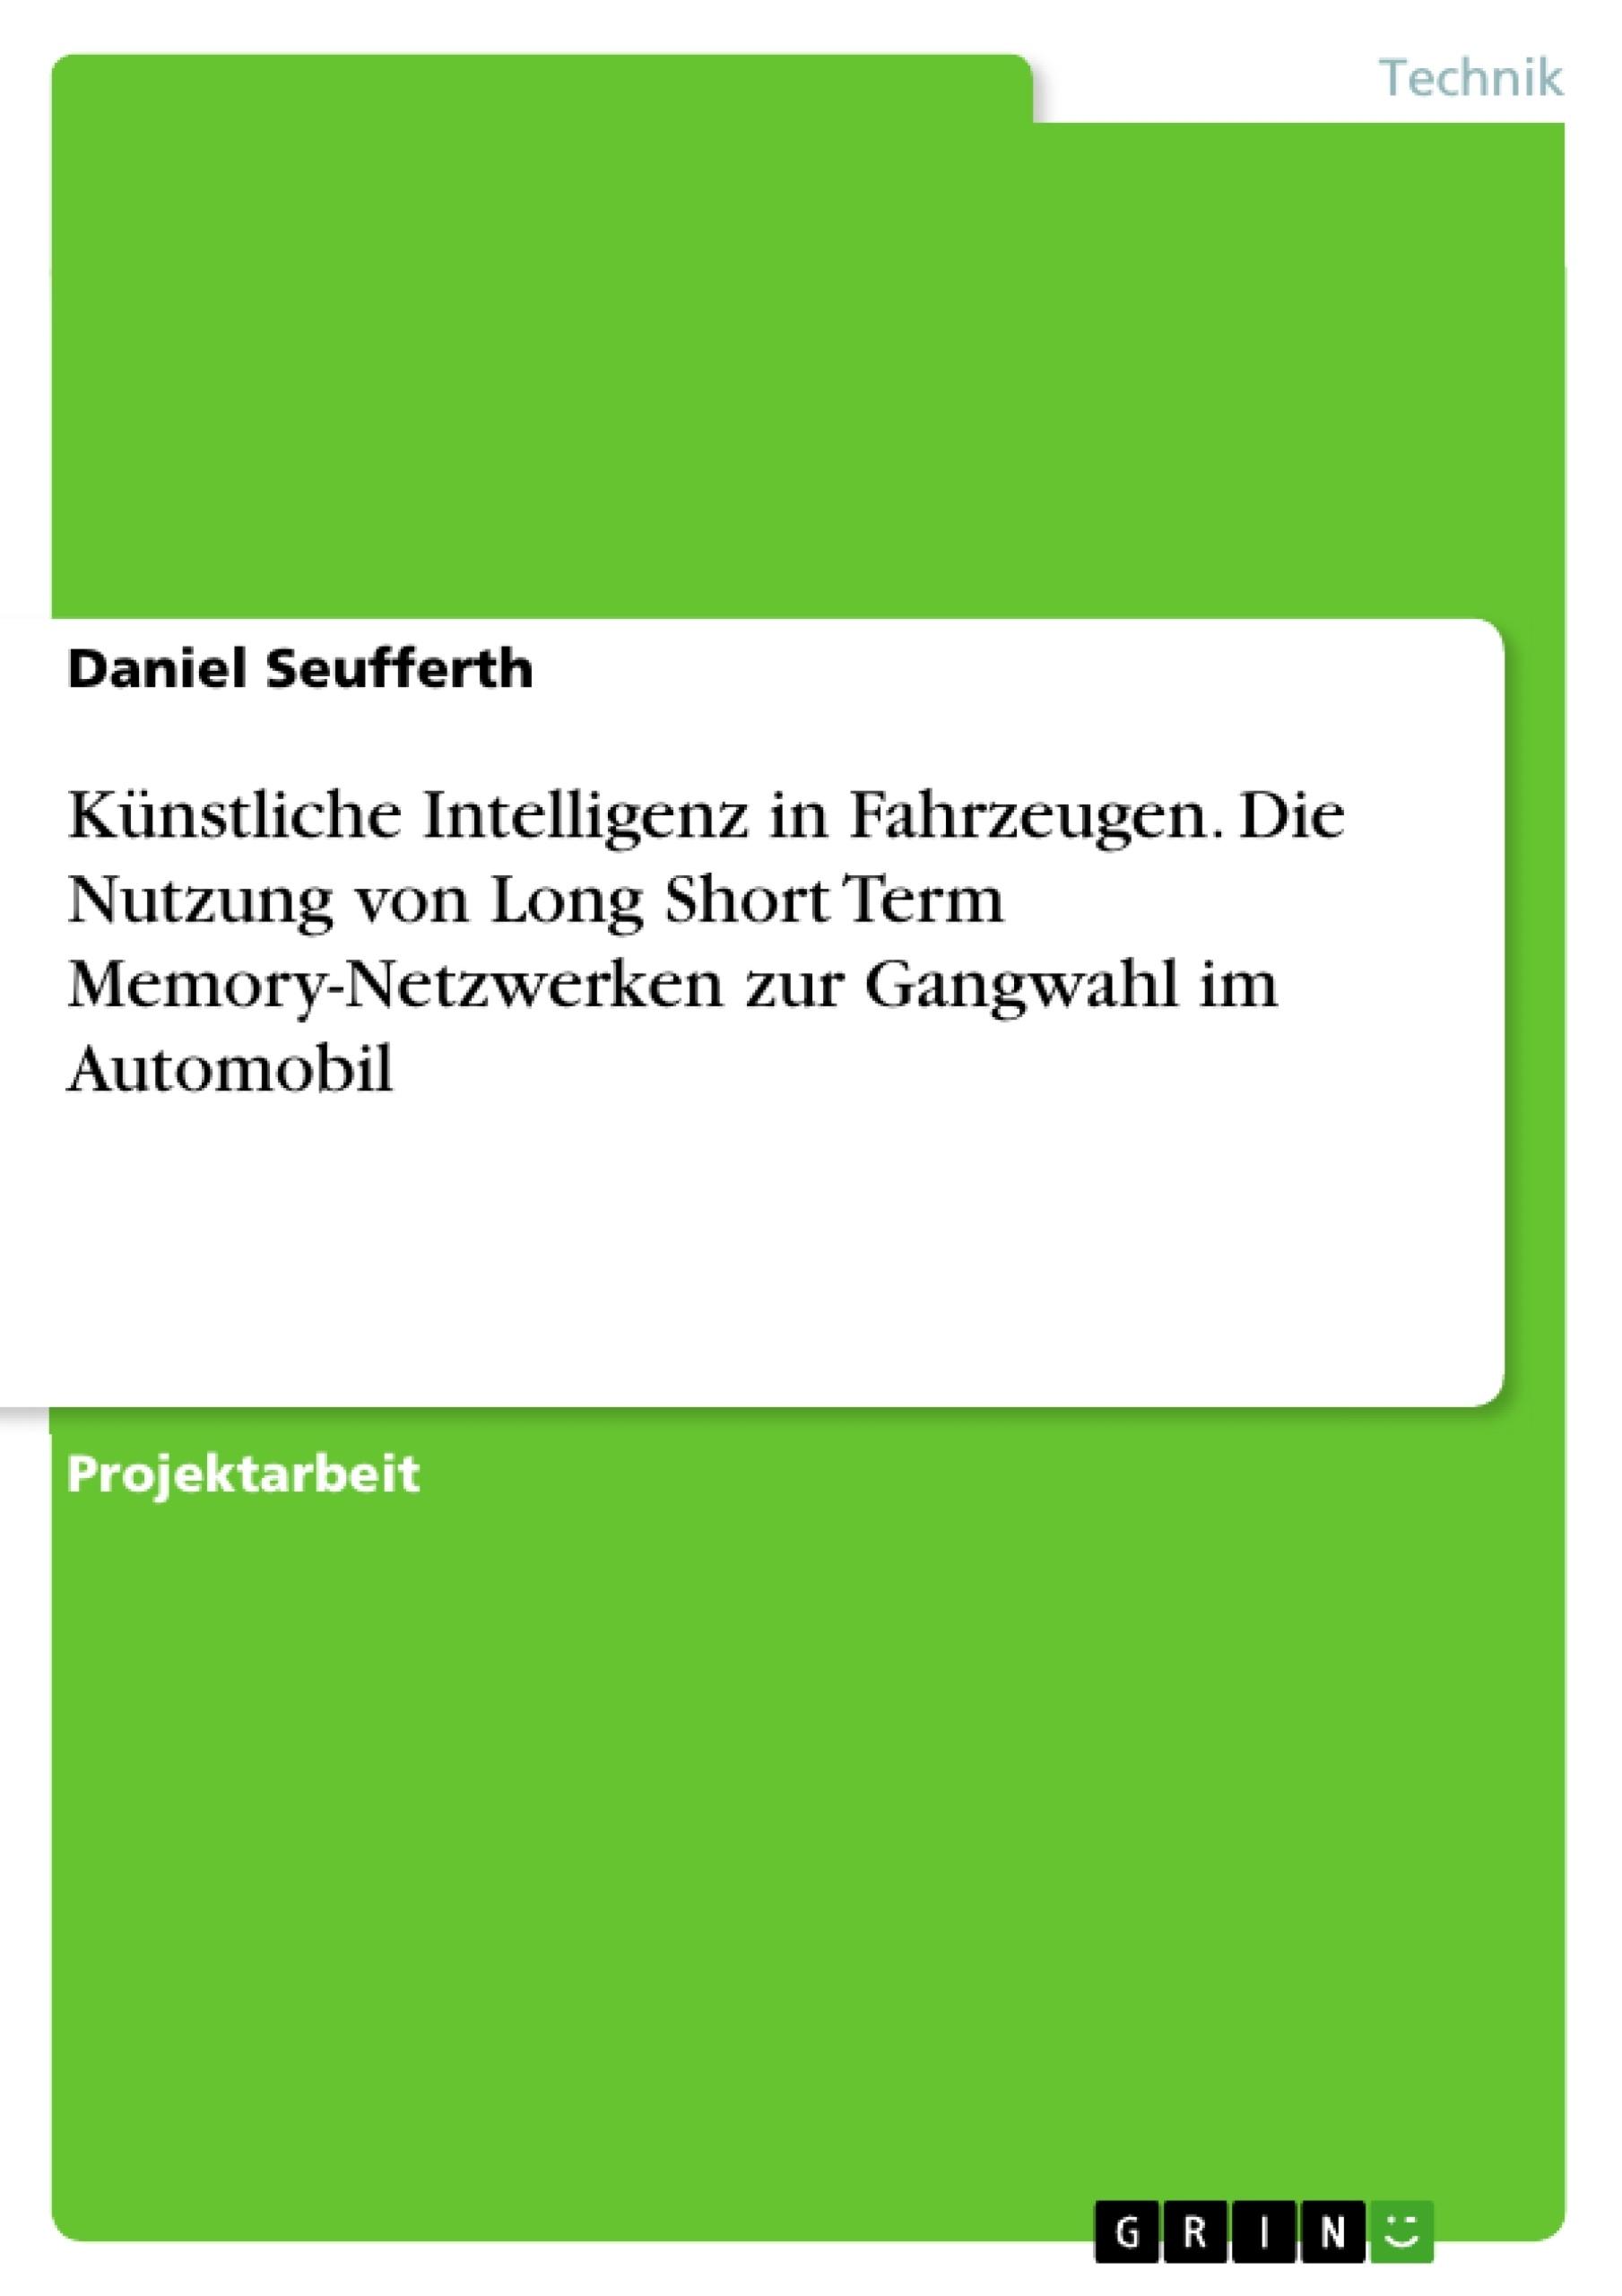 Titel: Künstliche Intelligenz in Fahrzeugen. Die Nutzung von Long Short Term Memory-Netzwerken zur Gangwahl im Automobil